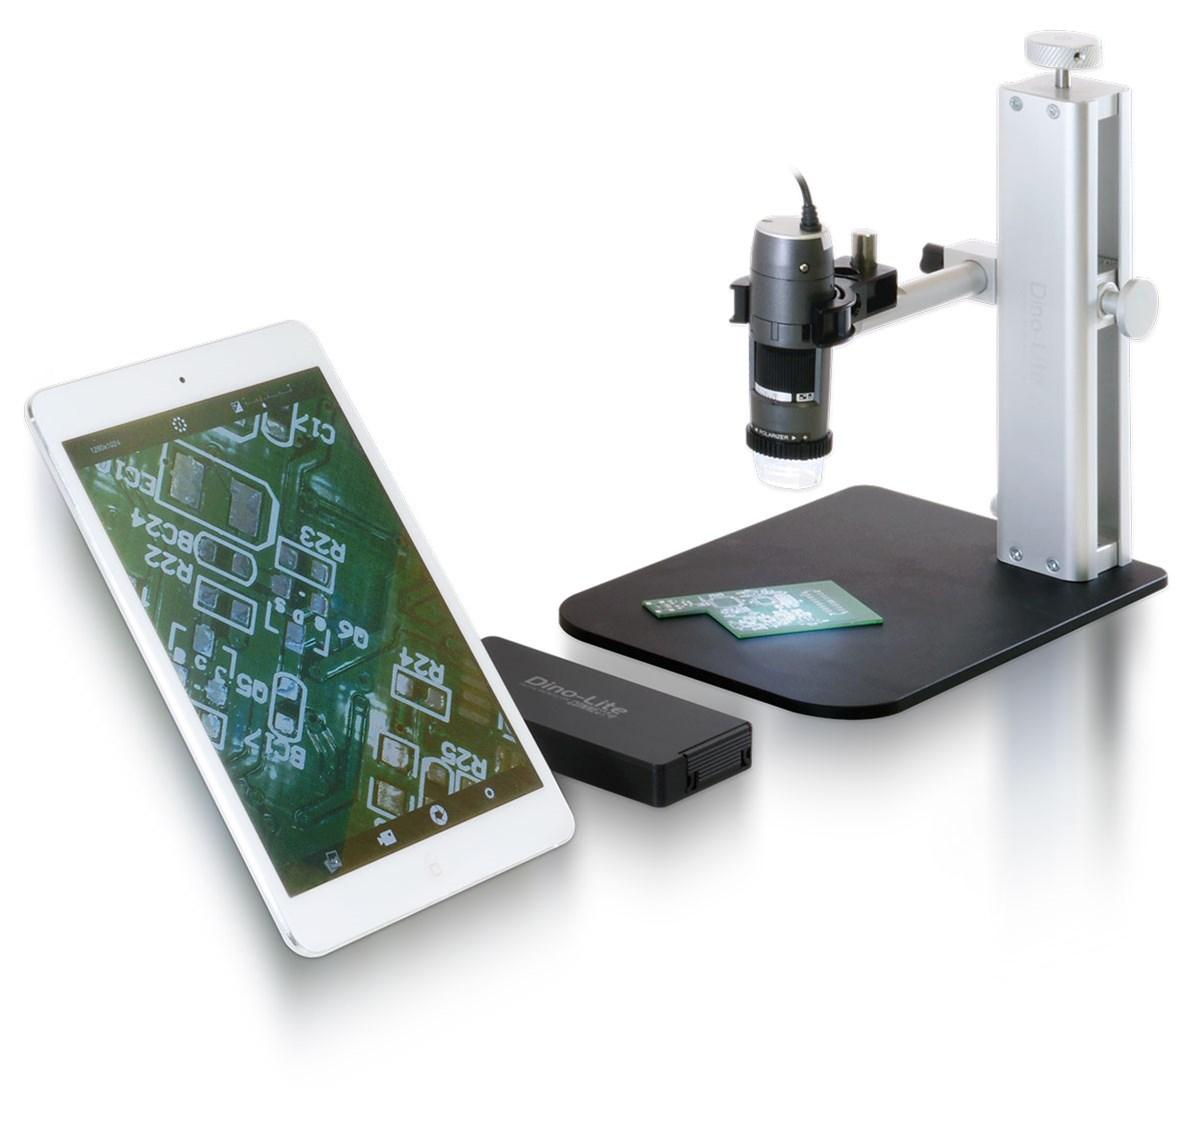 [公式]Dino-Liteシリーズ用コネクト(タブレット&スマホ無線接続アダプター) DINOWF10 電子顕微鏡 マイクロスコープ 高解像度 ディノライト 高解像度 高画質 電子顕微鏡 マイクロスコープ 高解像度 ディノライト 高解像度 高画質